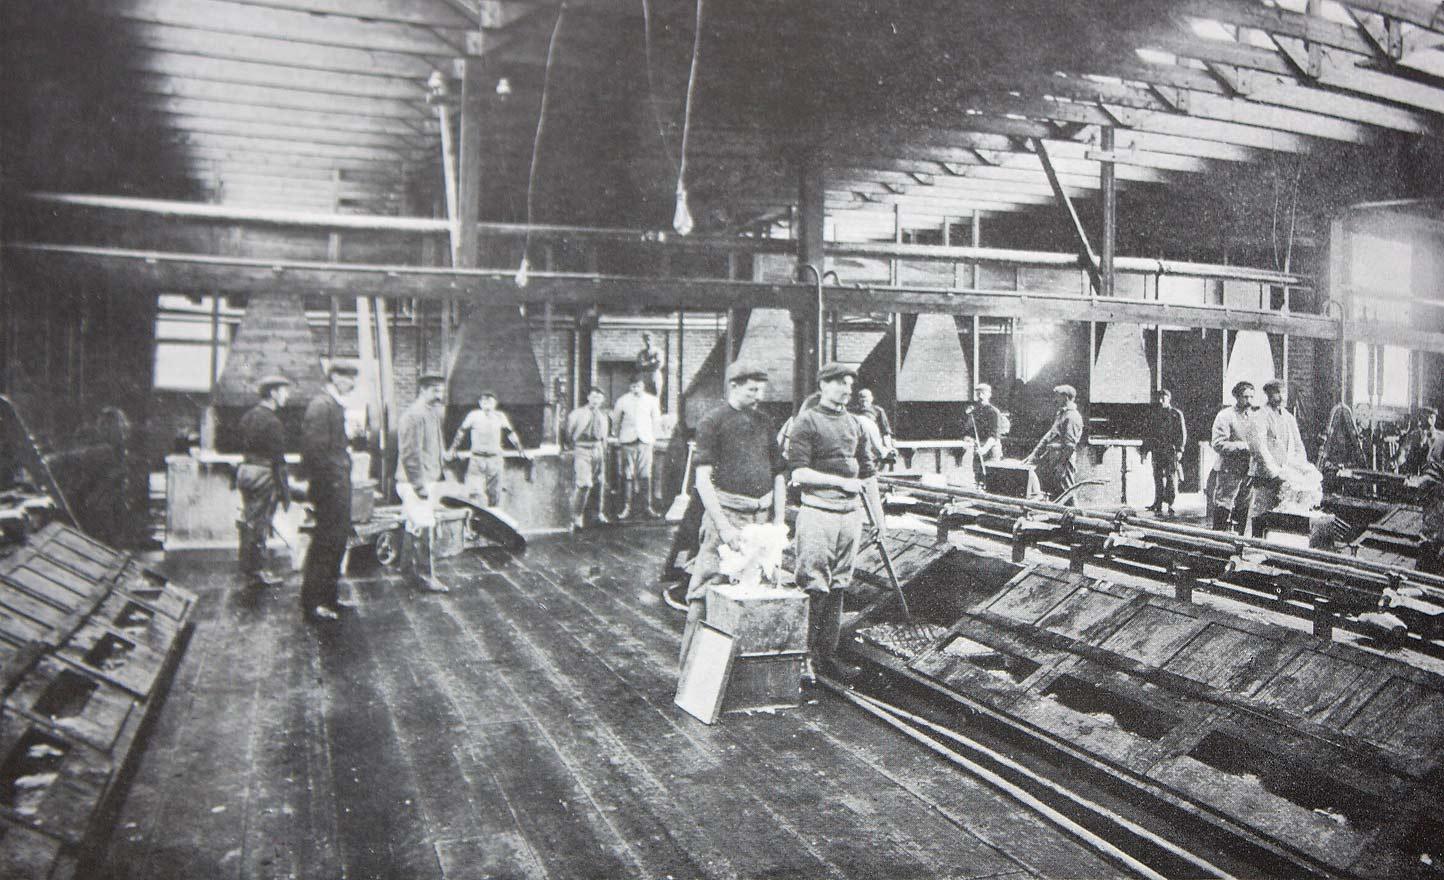 Guncotton drying